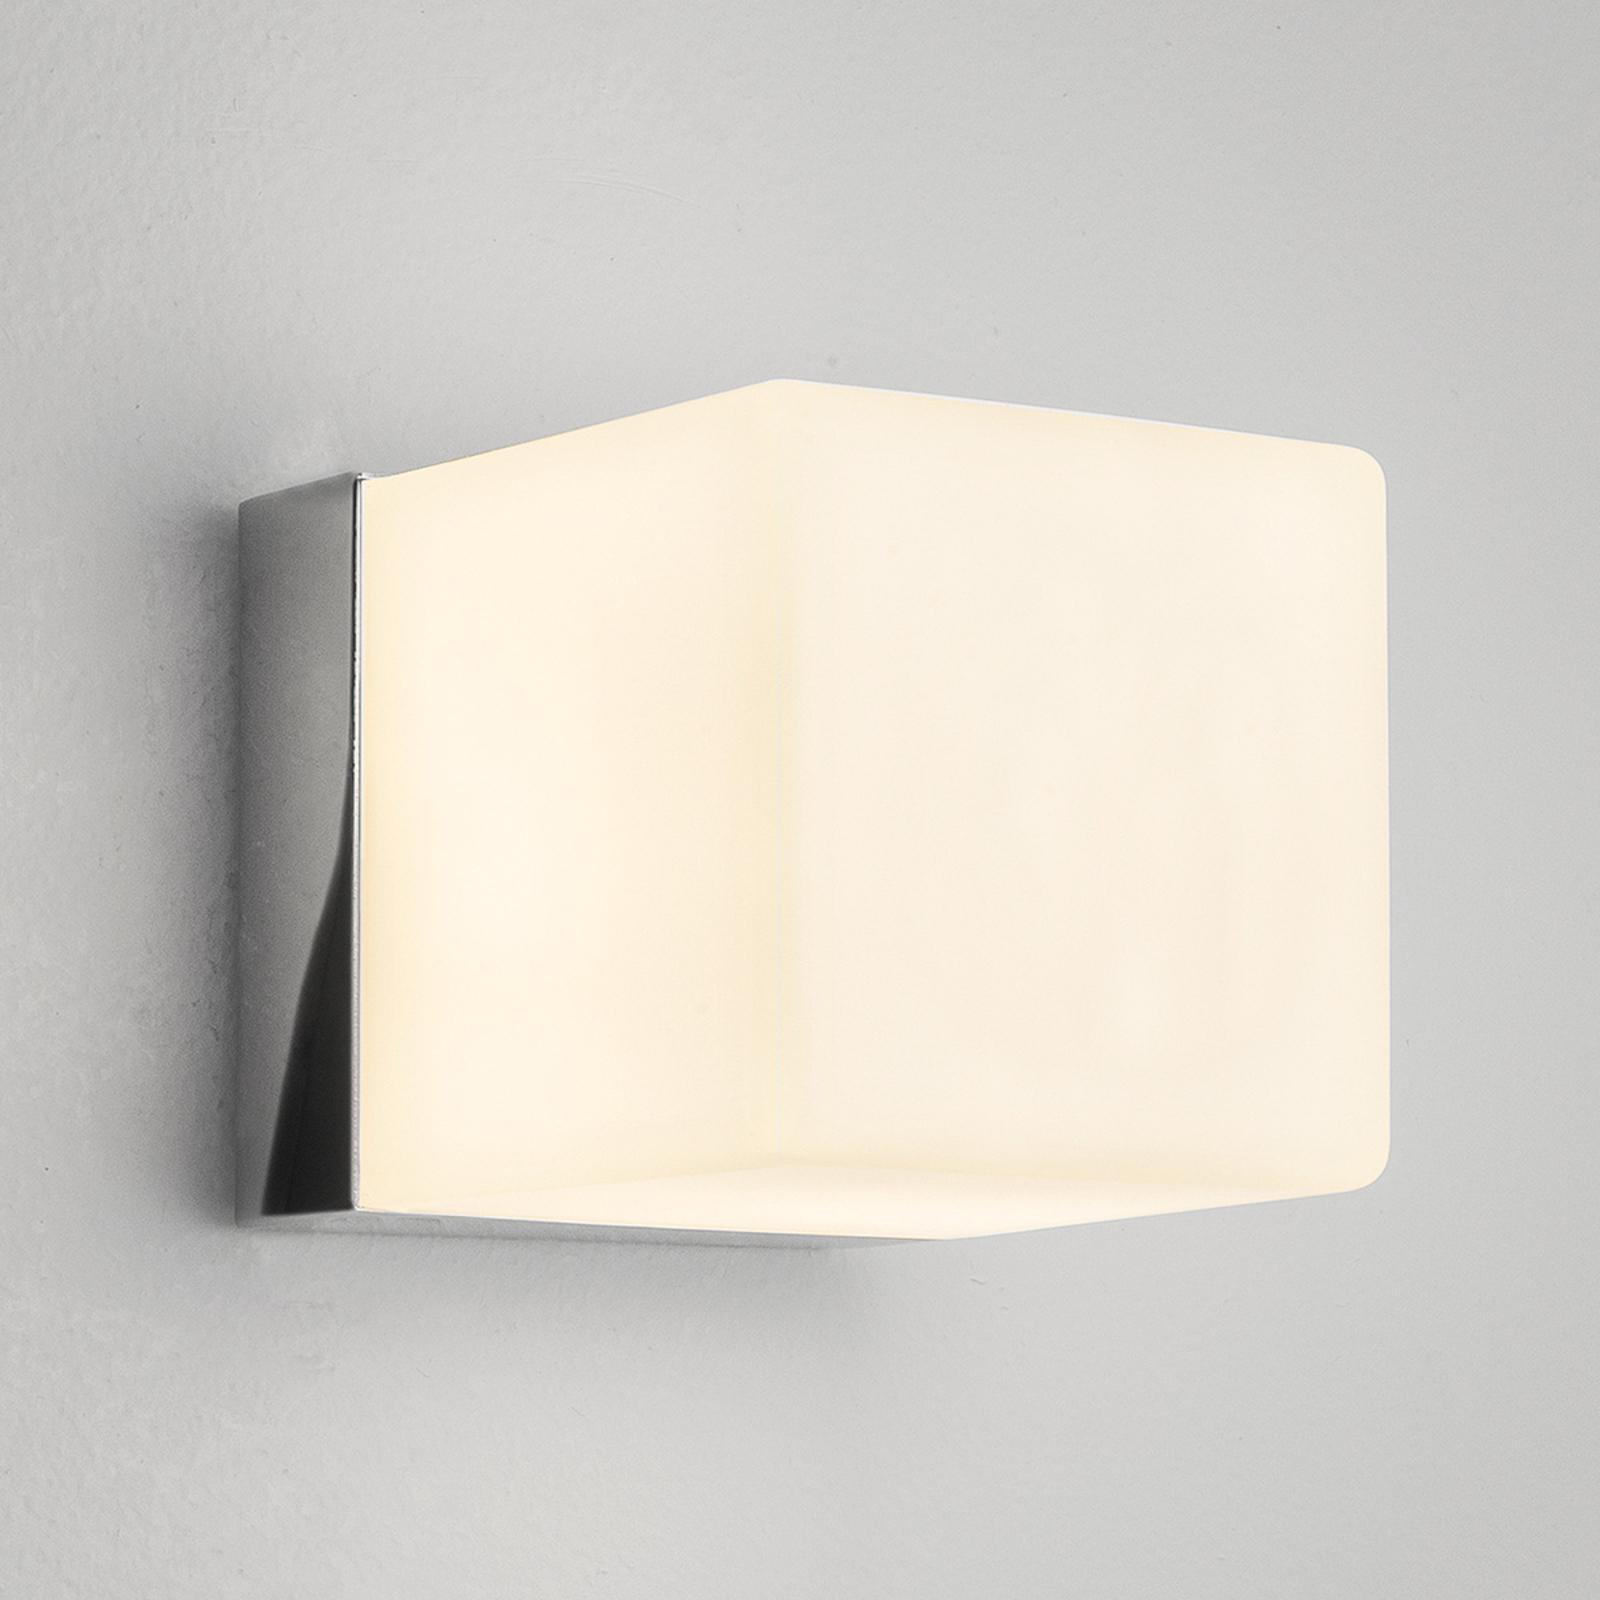 Lámpara de pared CUBE en diseño sencillo